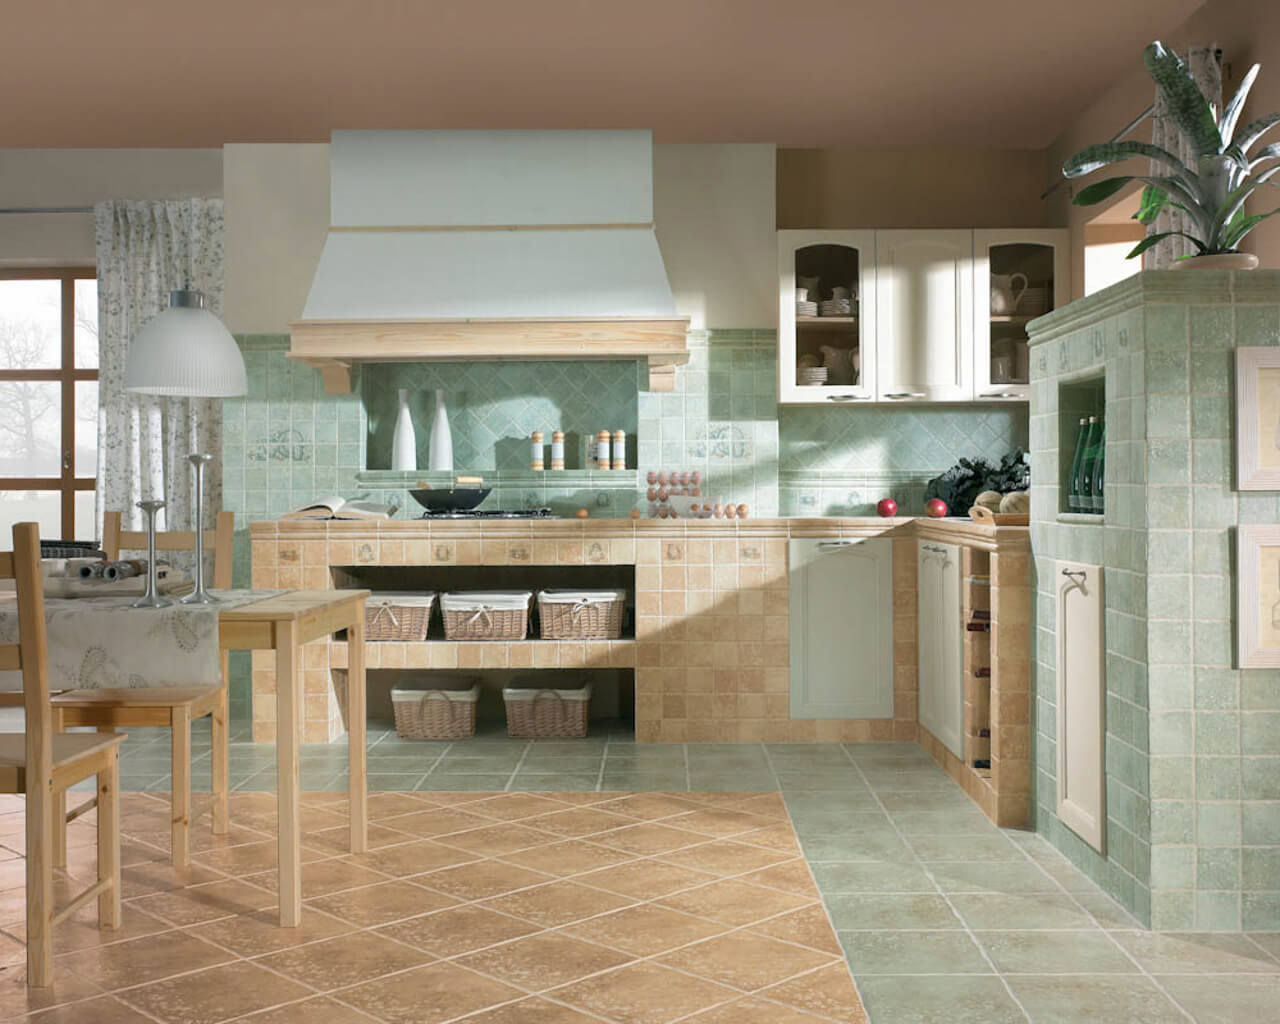 aranzacja-rustykalnej-kuchni-tretto-tryton-ceramika-parady